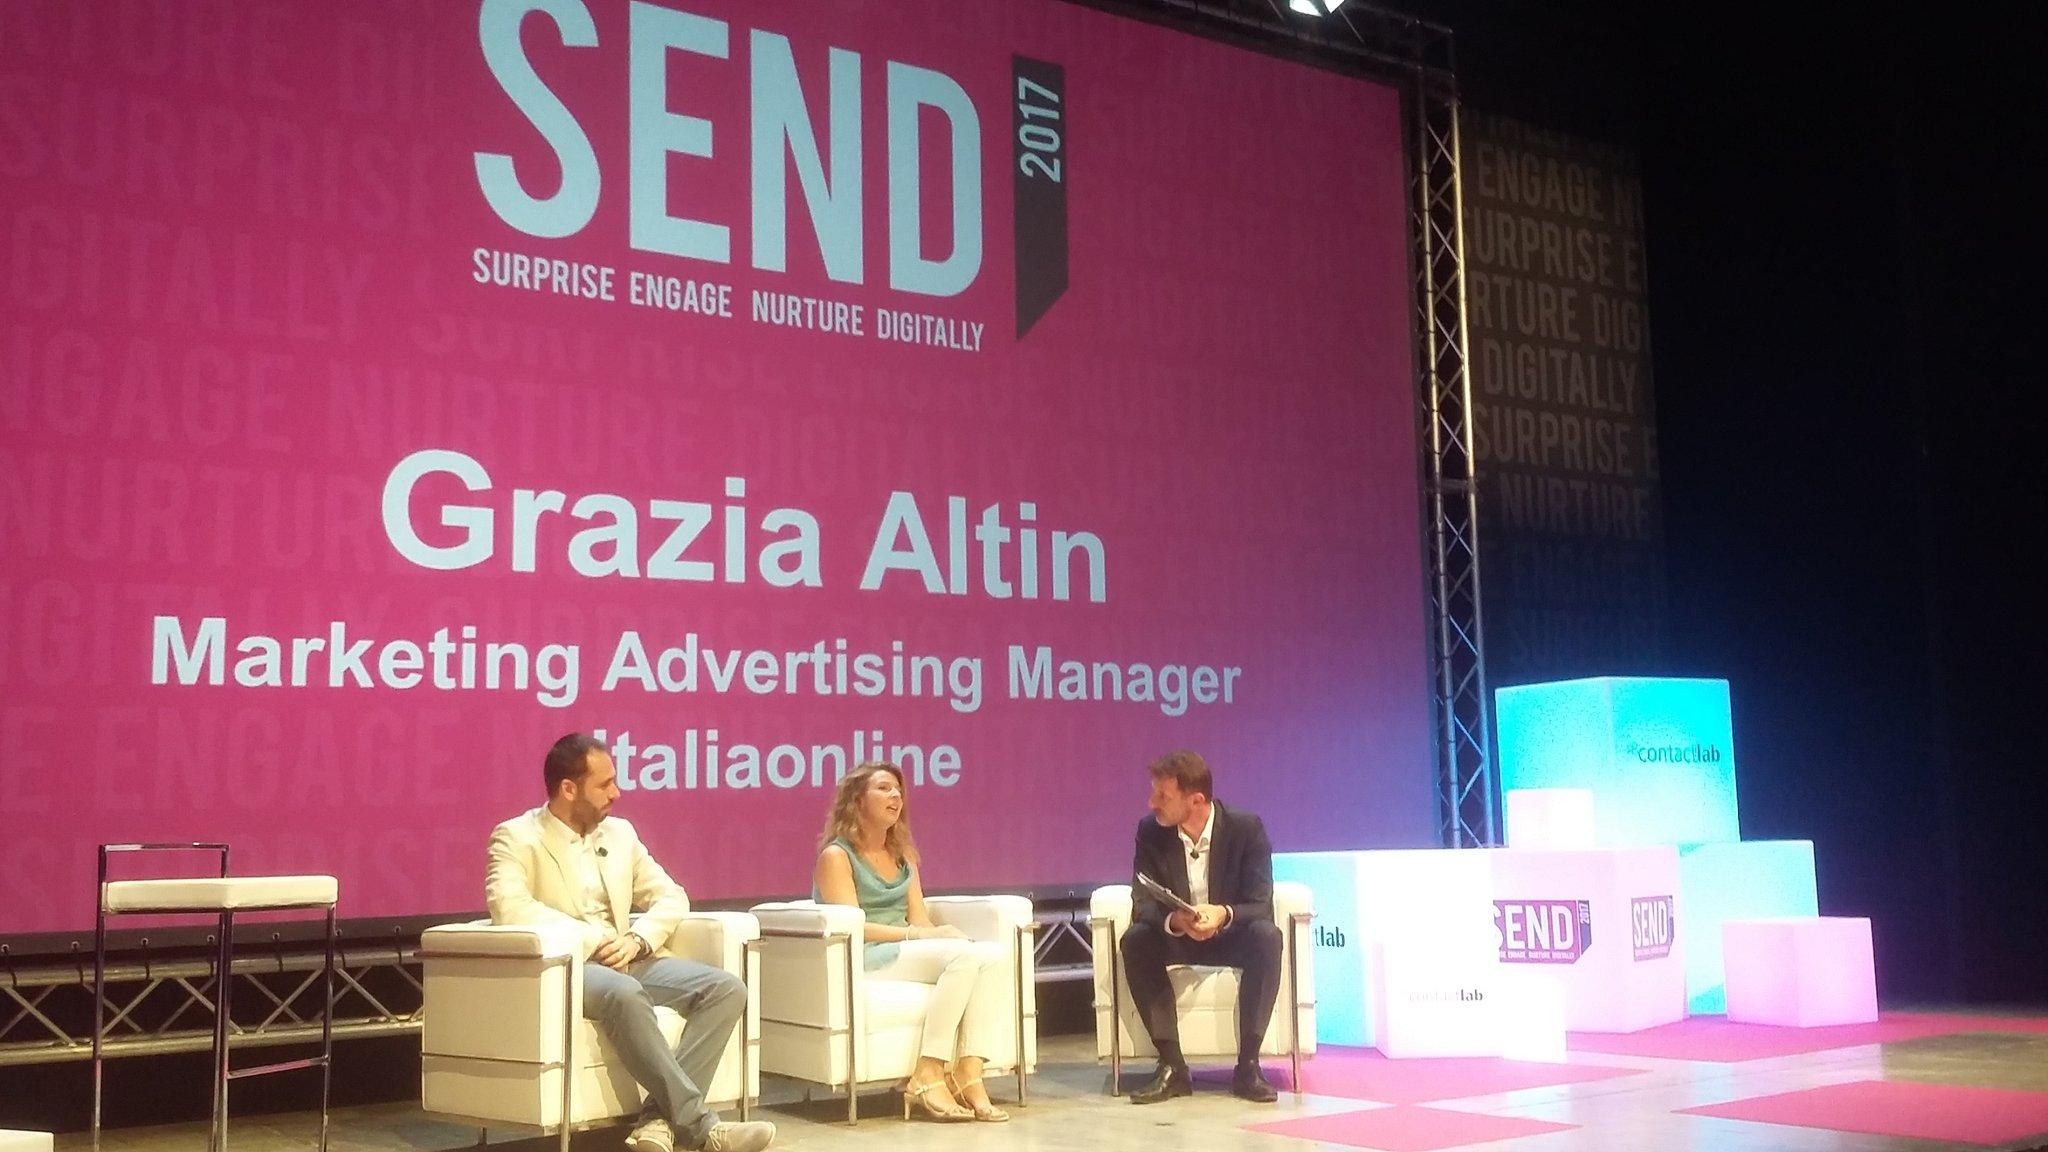 La qualità dell'applicativo @ContactLab per Italiaonline: tempi record per una campagna migliore. Grazia Altin a #SENDSummit17 / @ugobenini https://t.co/P71ZPrZg7n